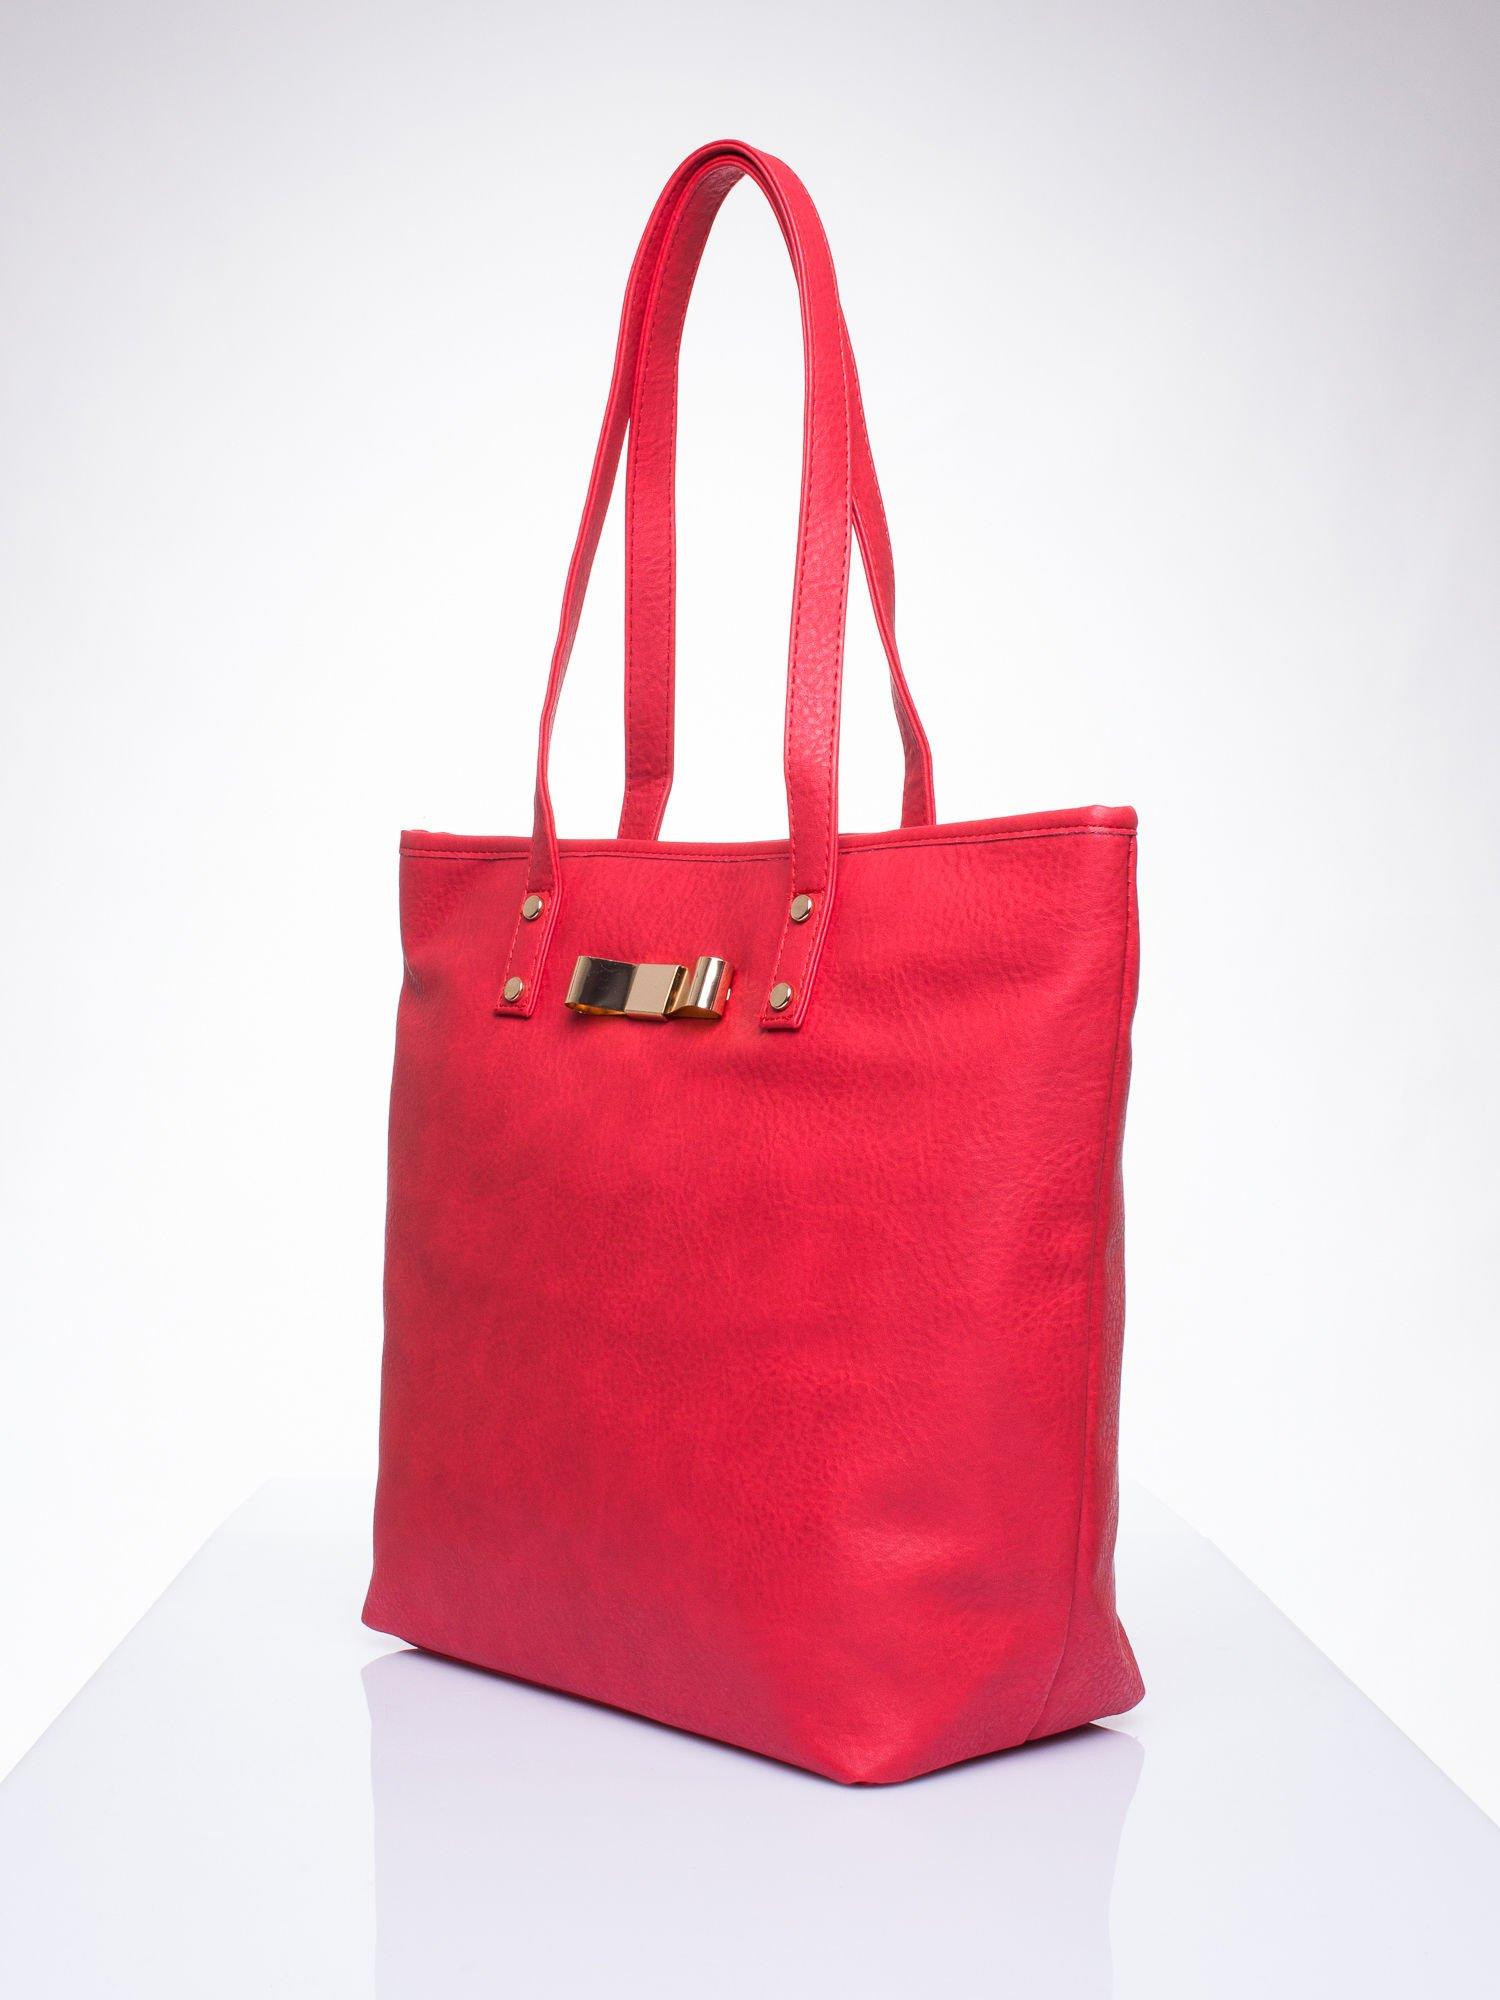 Czerwona torebka shopper bag z kokardką                                  zdj.                                  3